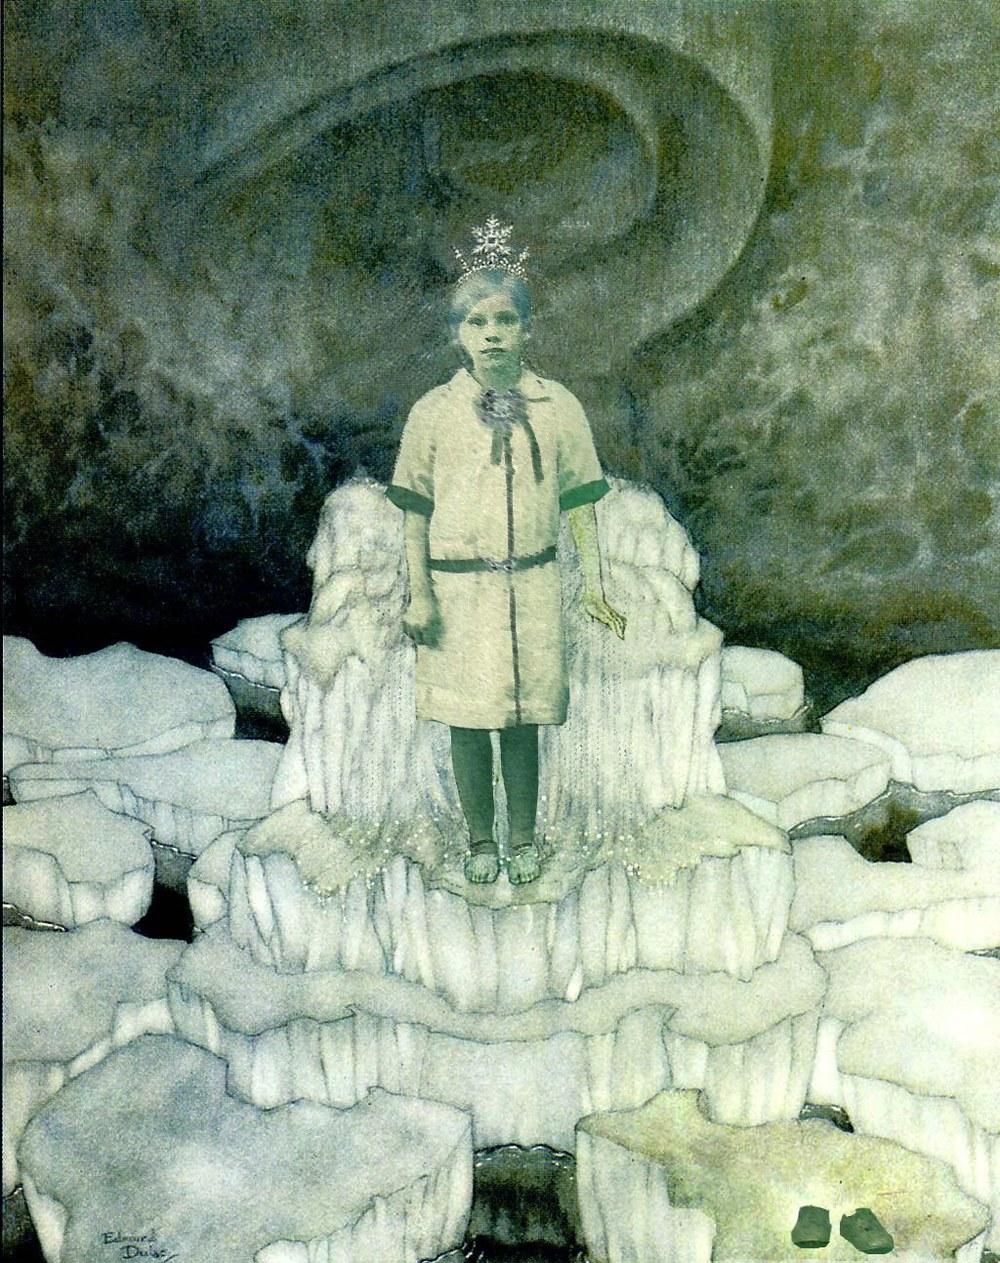 Agnes as Snow Queen